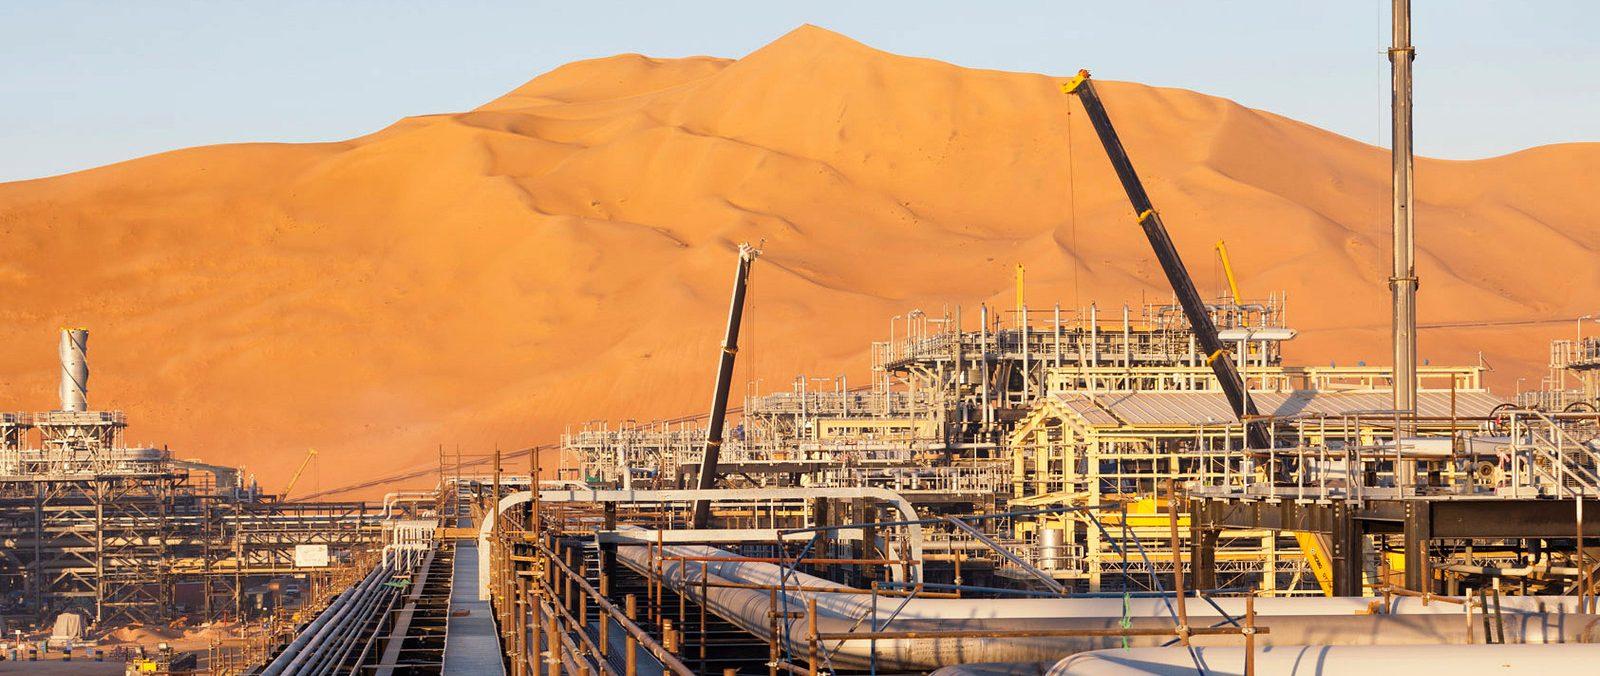 Algerian oil